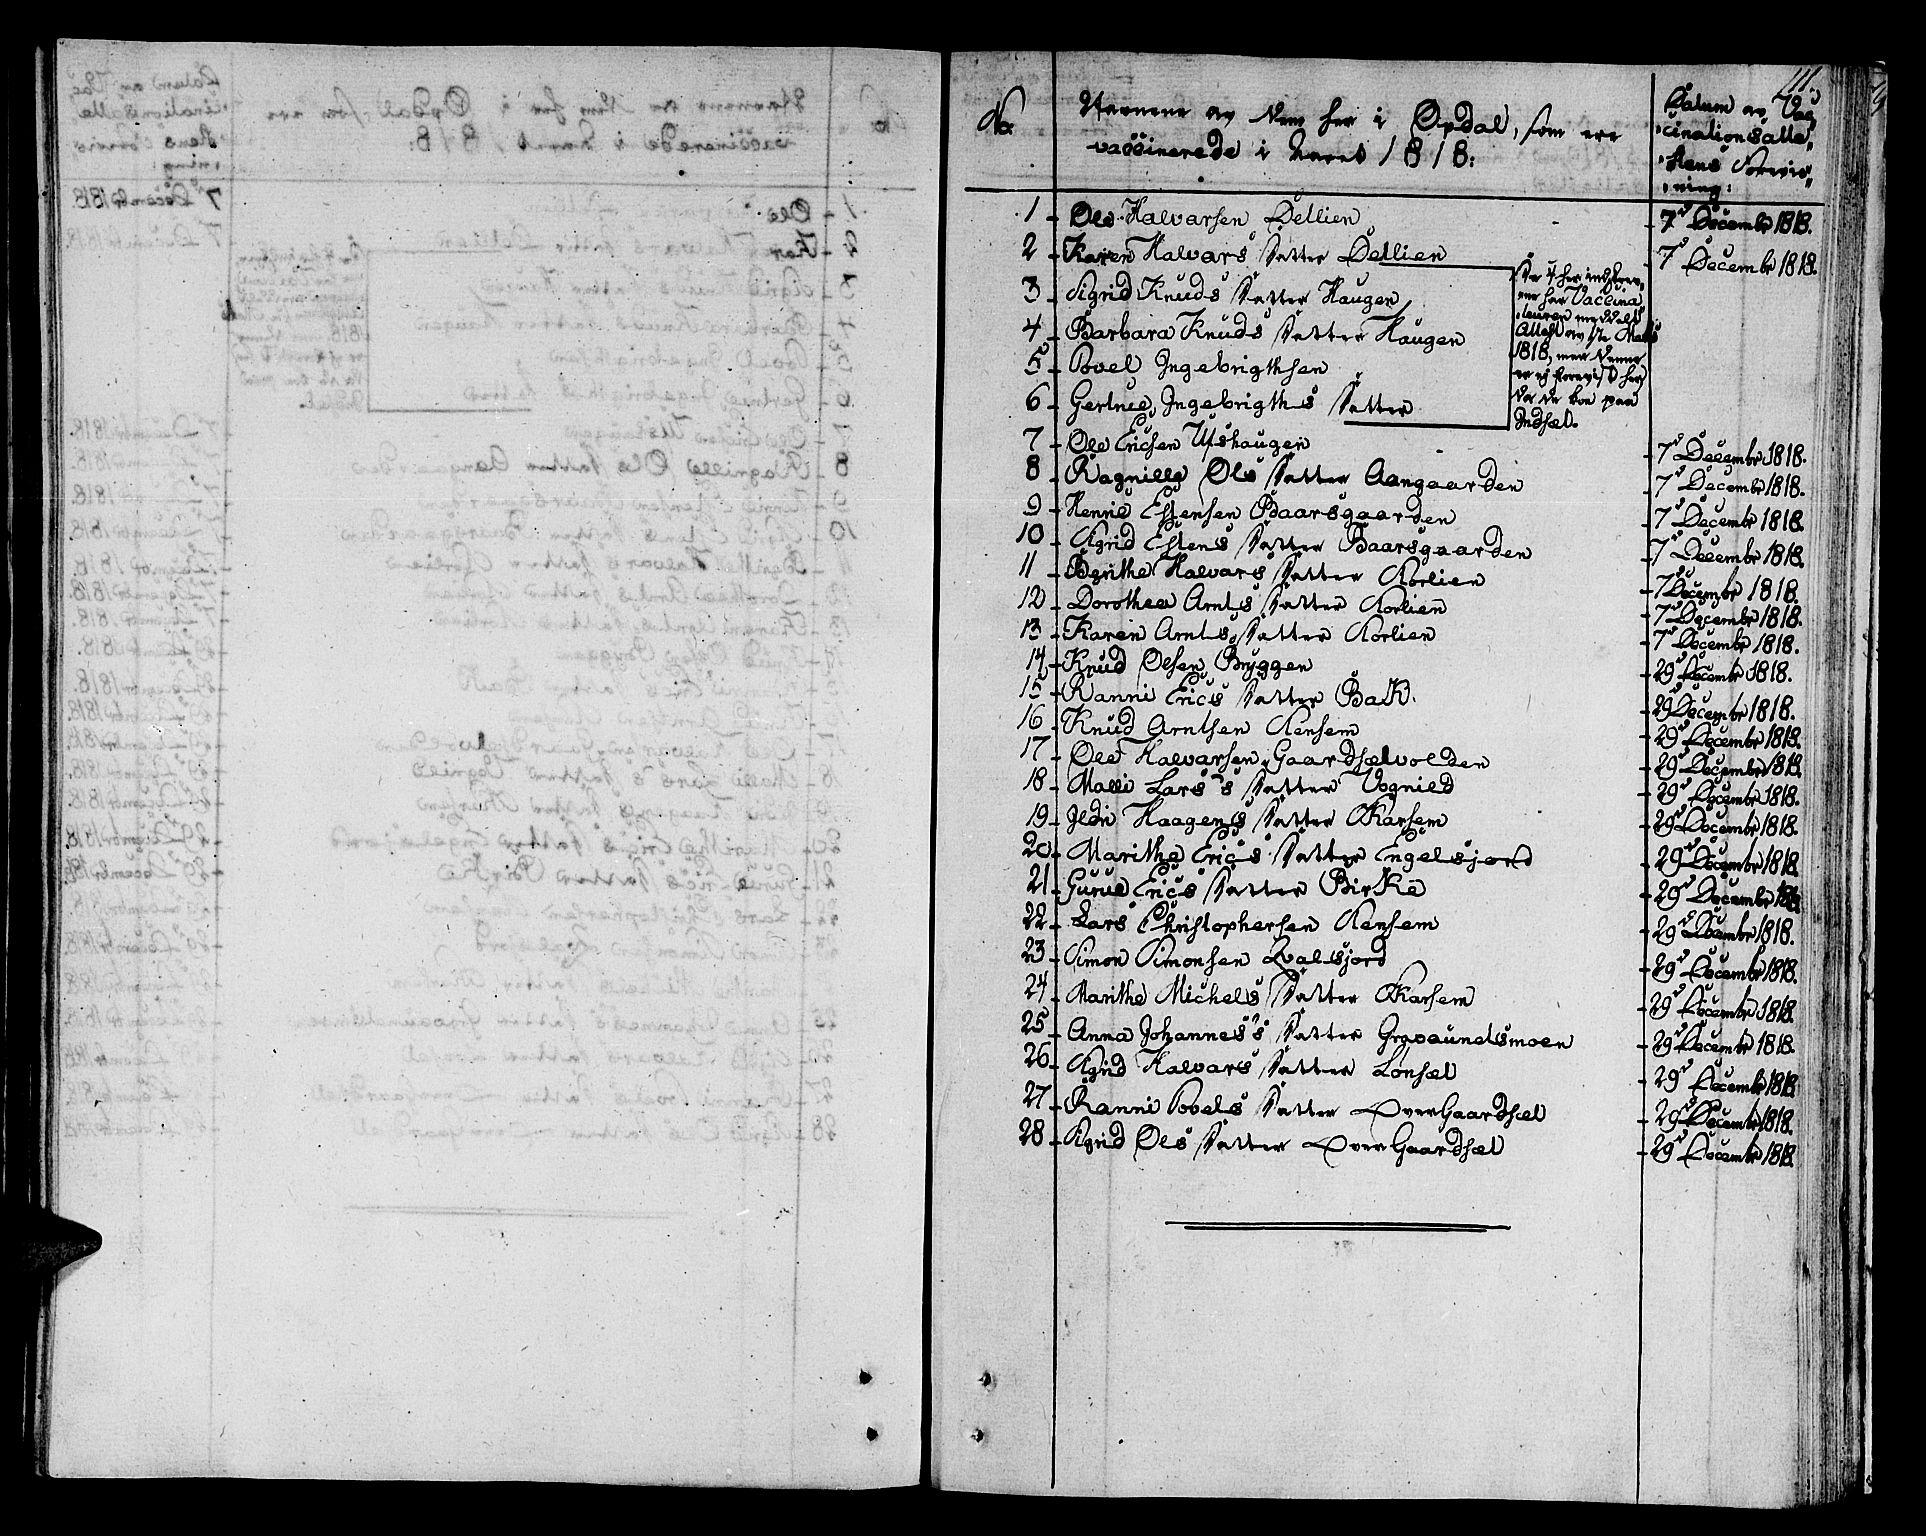 SAT, Ministerialprotokoller, klokkerbøker og fødselsregistre - Sør-Trøndelag, 678/L0894: Ministerialbok nr. 678A04, 1806-1815, s. 111